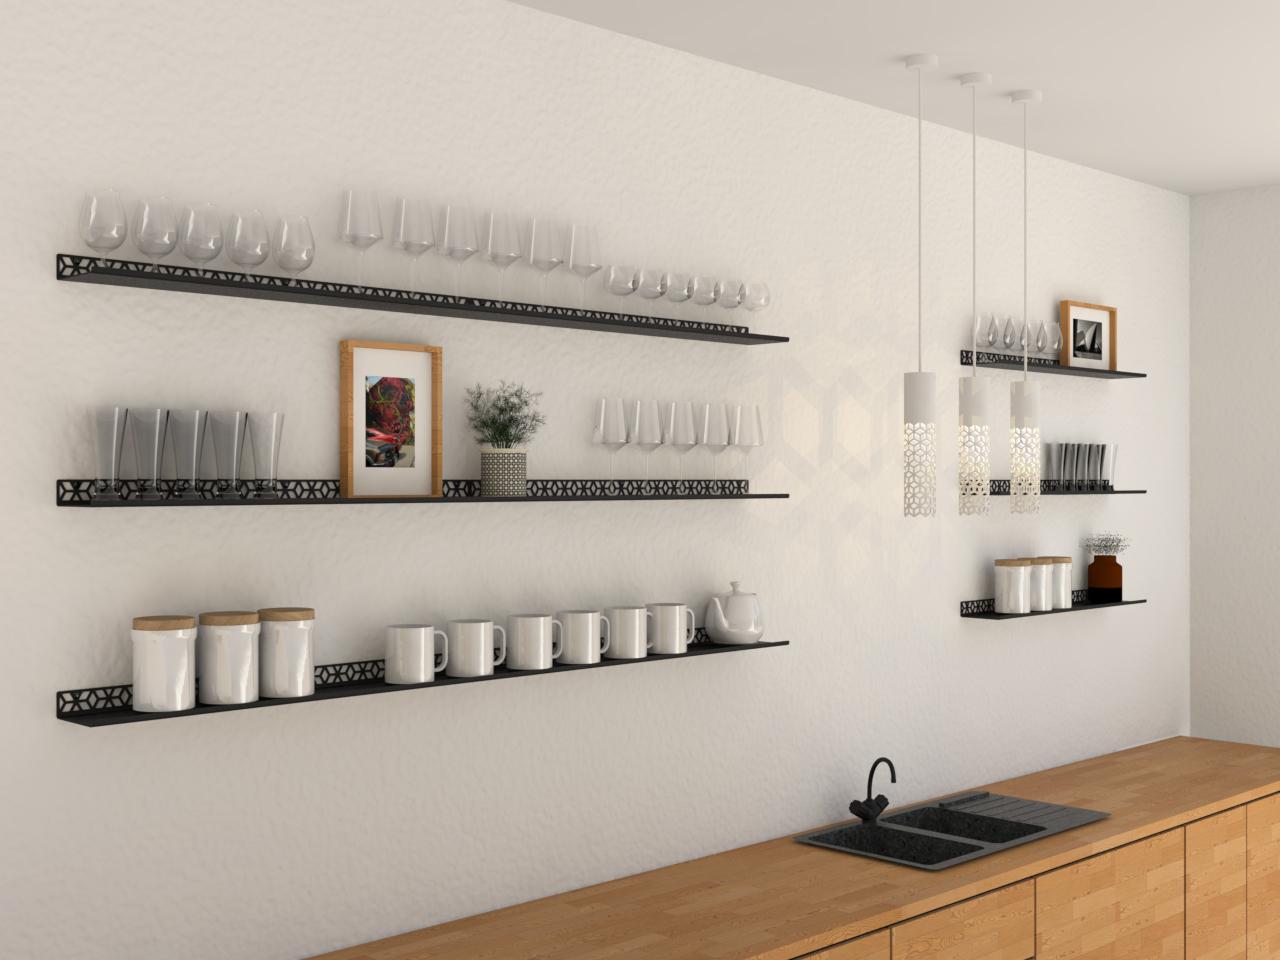 les étagères palissadesign permettent de donner du style à une cuisine